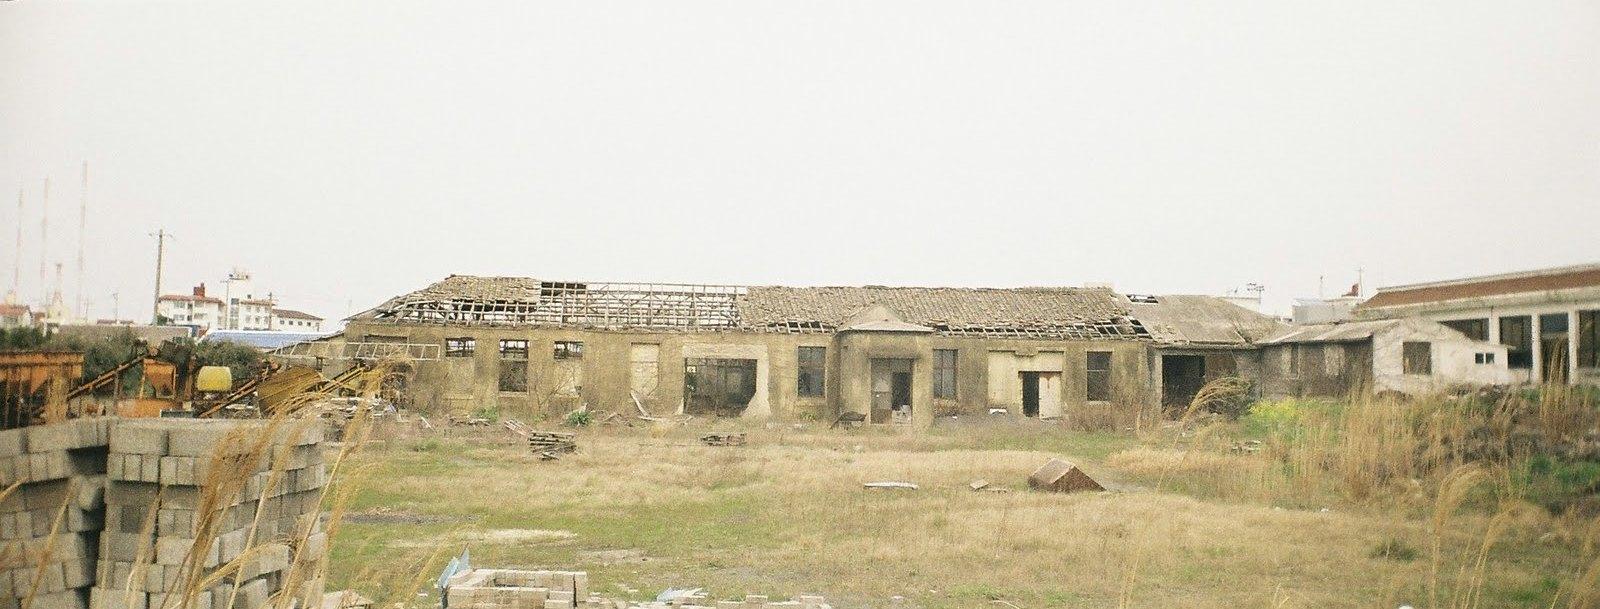 Seongsan Abandoned Building